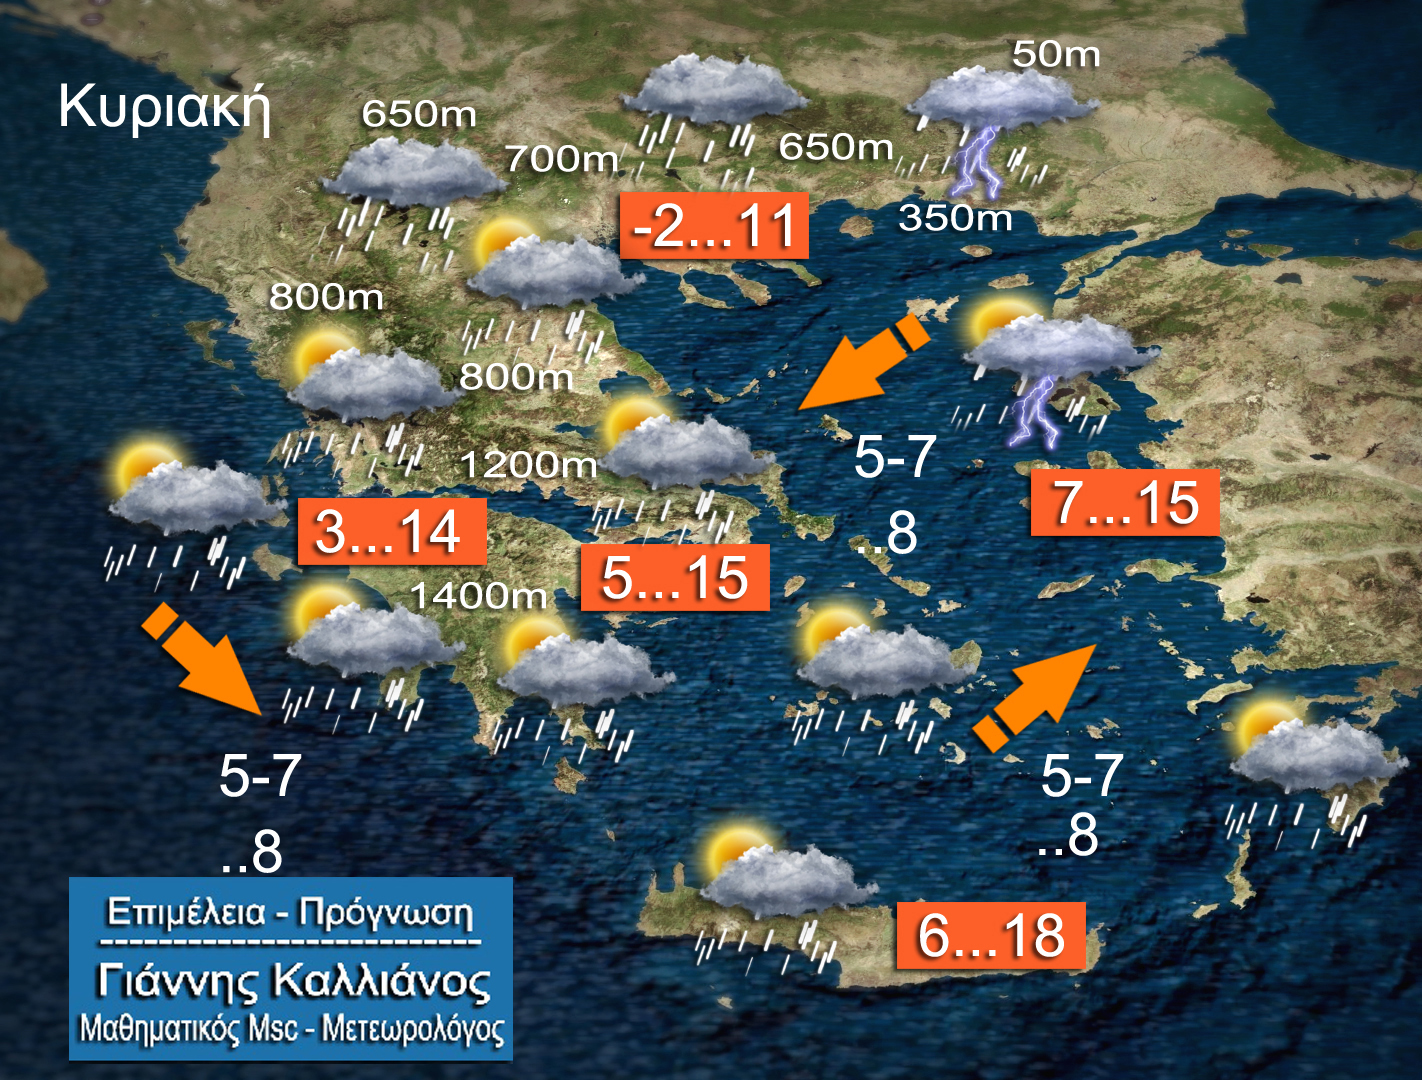 Χιονιάς στα ορεινά, καταιγίδες στην υπόλοιπη χώρα -Πού χτυπά η Ιοκάστη (εικόνες )